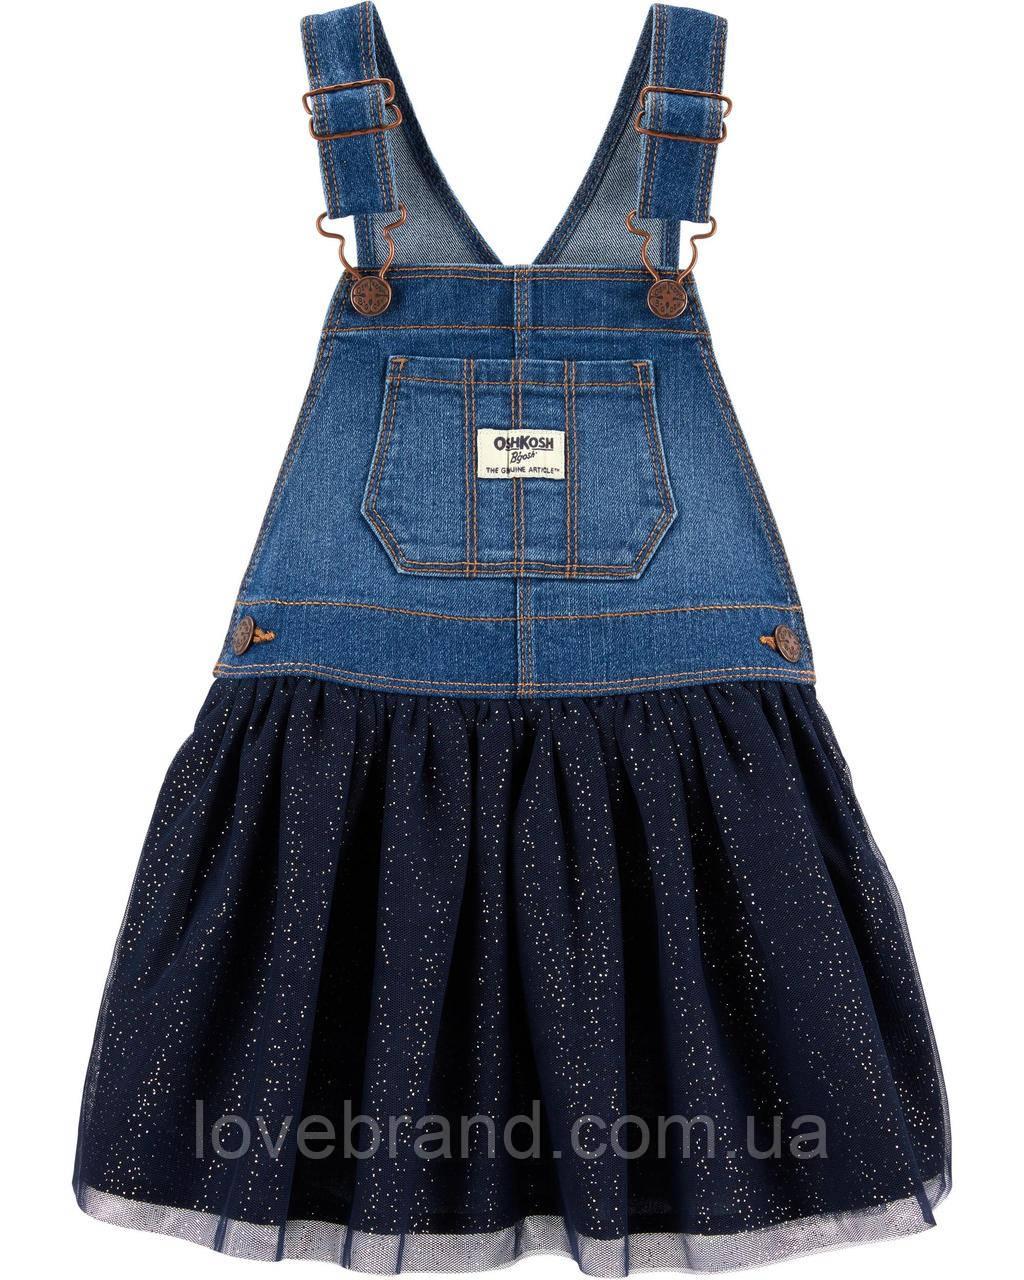 Нарядный джинсовый сарафанчик для девочки OshKosh синий с фатиновой юбкой ошкош 4Т/99-105 см